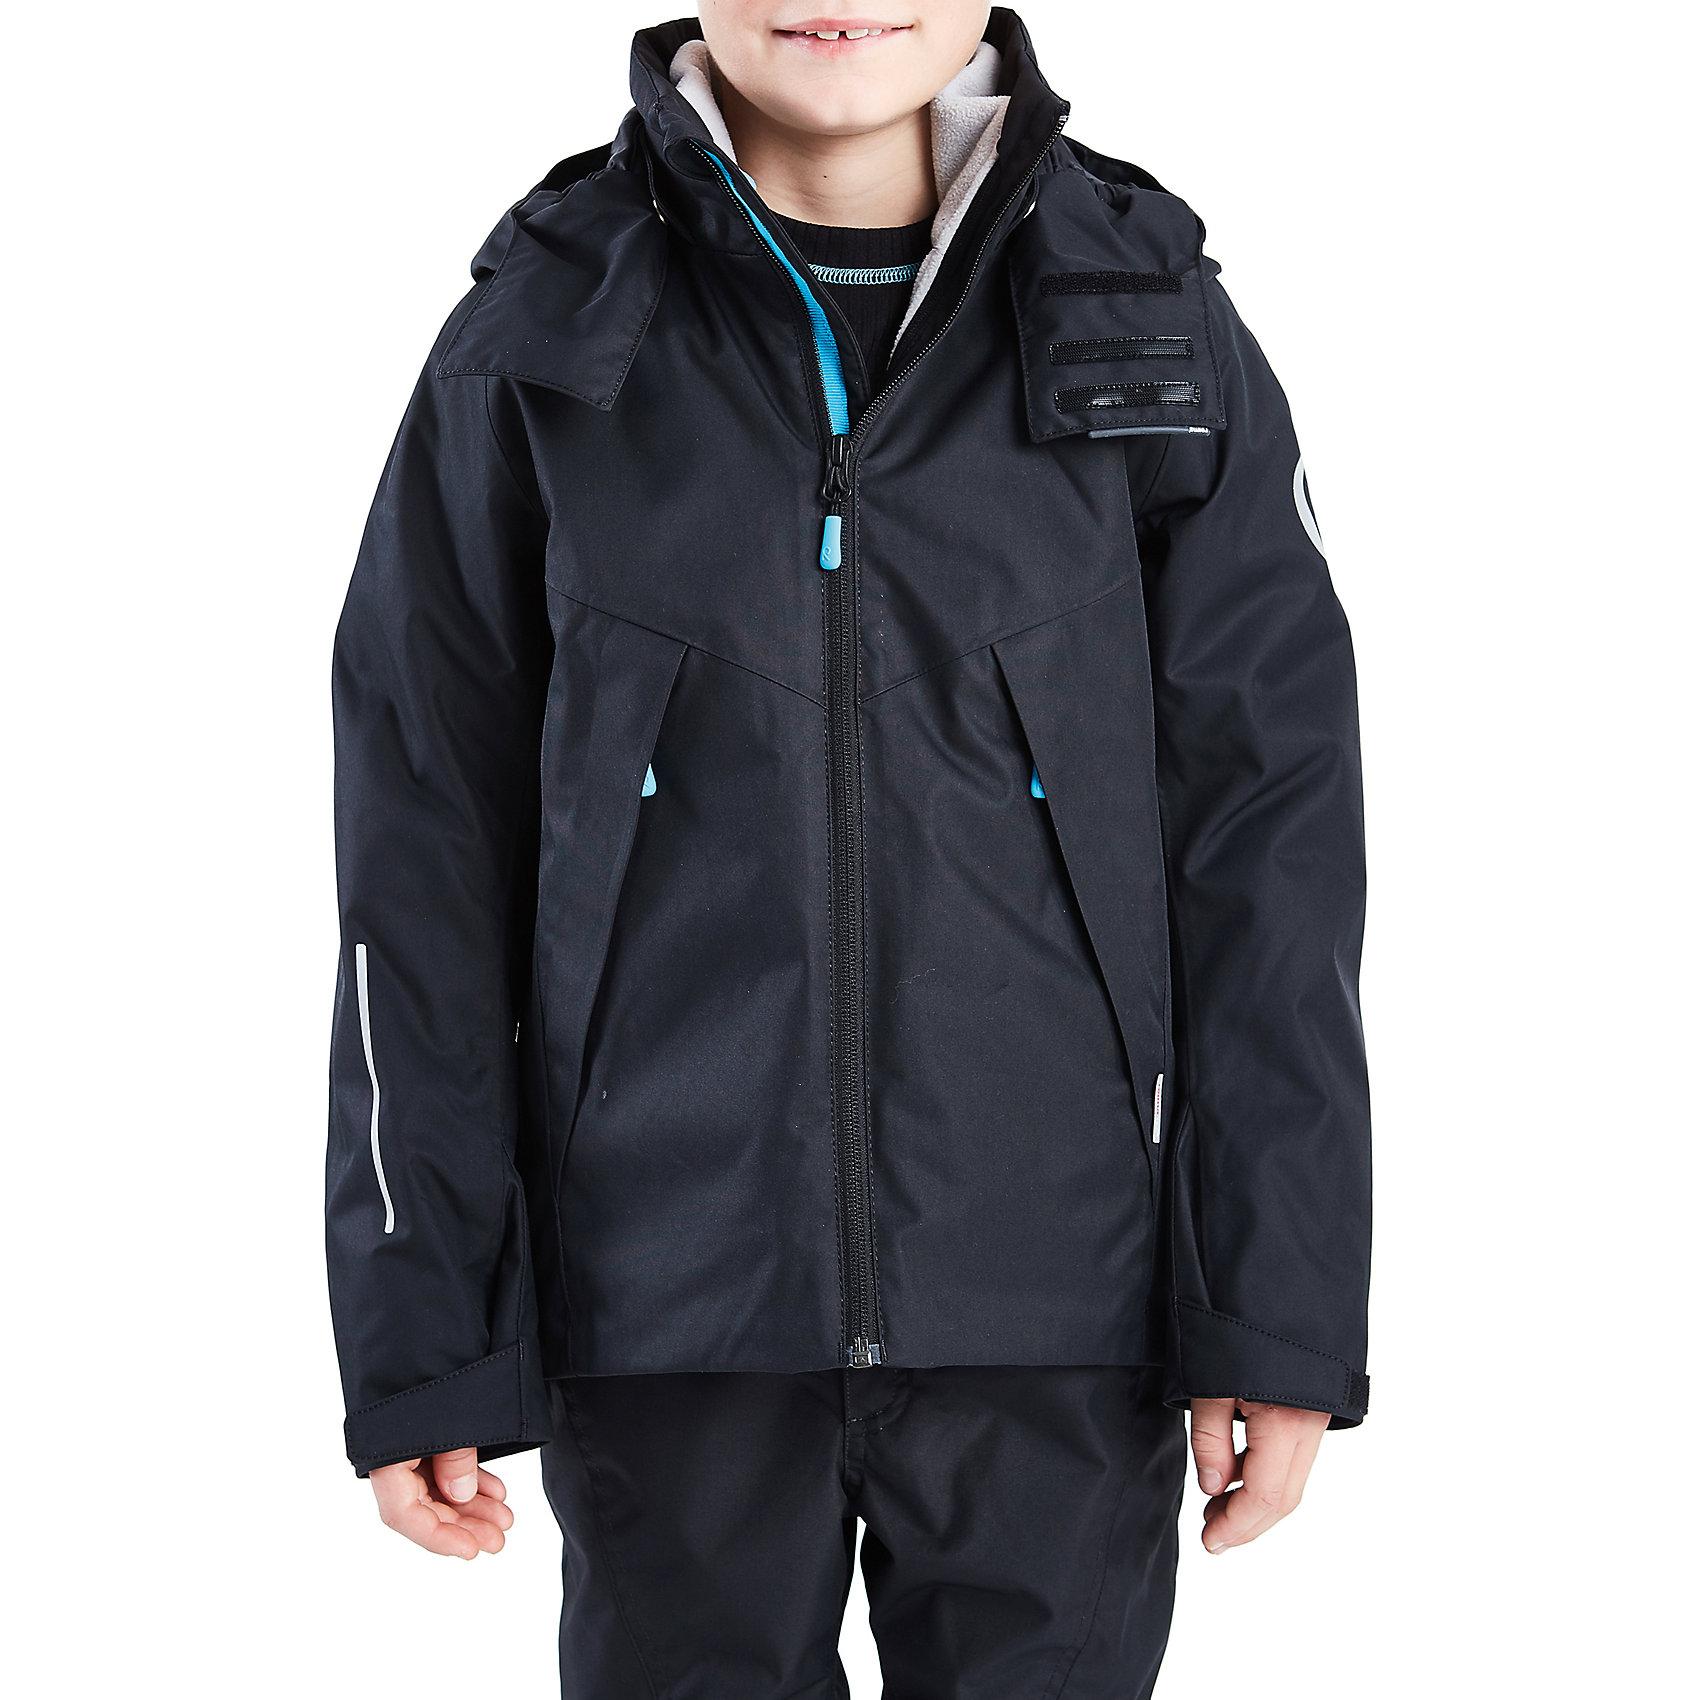 Куртка Vandring для мальчика Reimatec® ReimaОдежда<br>Куртка для мальчика от финского бренда Reimatec® Reima.<br>Куртка для подростков. Все швы проклеены и водонепроницаемы. Водо- и ветронепроницаемый, «дышащий» и грязеотталкивающий материал. Внутренняя отстегивающаяся флисовая куртка. Гладкая подкладка из полиэстра. Безопасный, отстегивающийся и регулируемый капюшон. Регулируемый манжет на липучке. Регулируемый подол. Новая усовершенствованная молния — больше не застревает!. Карманы на молнии.<br>Рекомендация по уходу:<br>Стирать по отдельности, вывернув наизнанку. Застегнуть молнии и липучки. Стирать моющим средством, не содержащим отбеливающие вещества. Полоскать без специального средства. Во избежание изменения цвета изделие необходимо вынуть из стиральной машинки незамедлительно после окончания программы стирки. Можно сушить в сушильном шкафу или центрифуге (макс. 40° C).<br>Состав:<br>100% ПЭ, ПУ-покрытие<br><br>Ширина мм: 356<br>Глубина мм: 10<br>Высота мм: 245<br>Вес г: 519<br>Цвет: черный<br>Возраст от месяцев: 36<br>Возраст до месяцев: 48<br>Пол: Мужской<br>Возраст: Детский<br>Размер: 104,164,110,116,122,128,134,140,146,152,158<br>SKU: 5087146